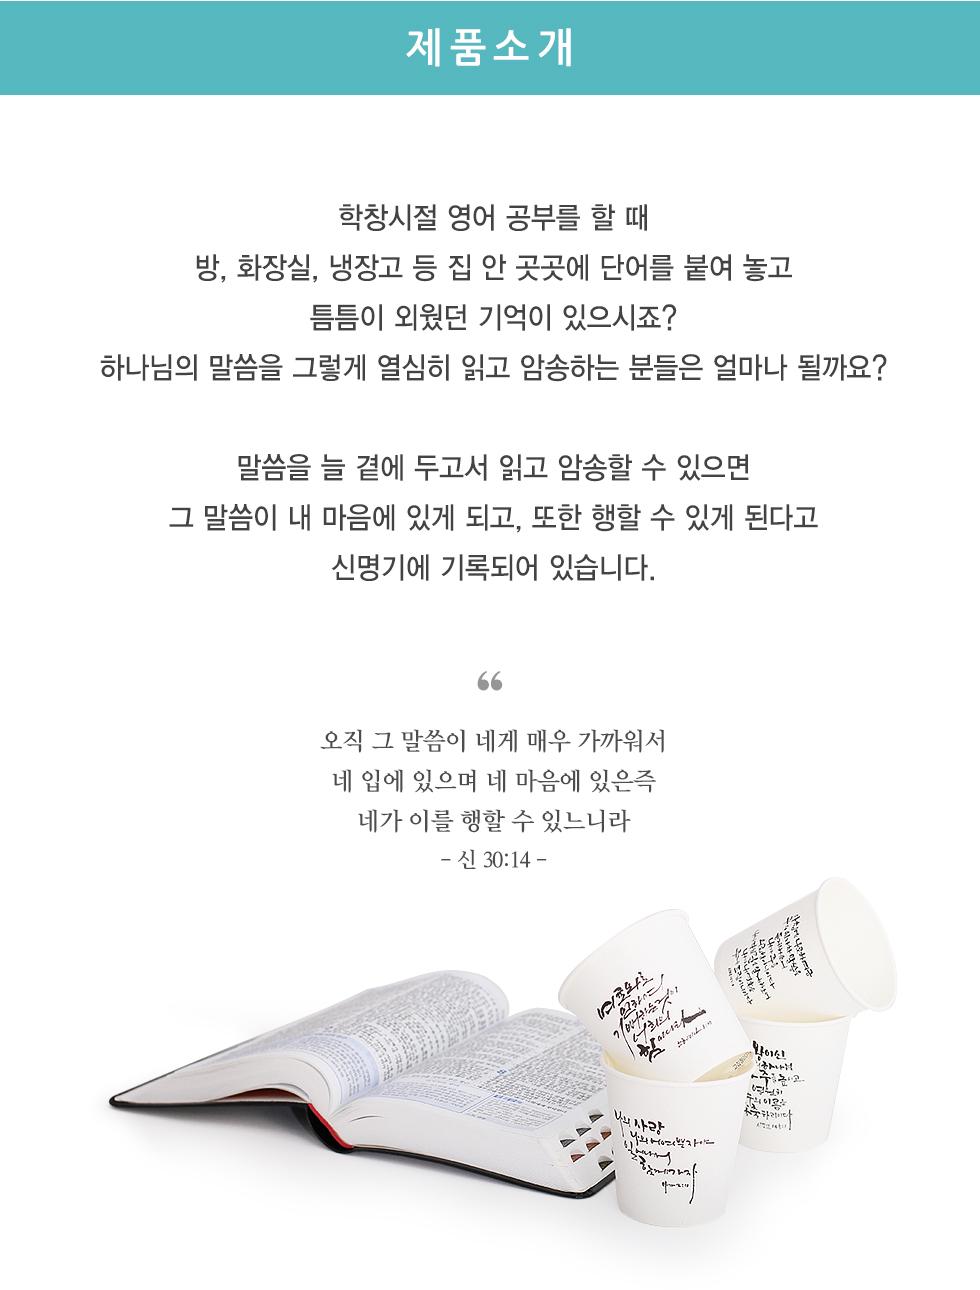 캘리그래피 말씀 종이컵 6.5oz 제품소개